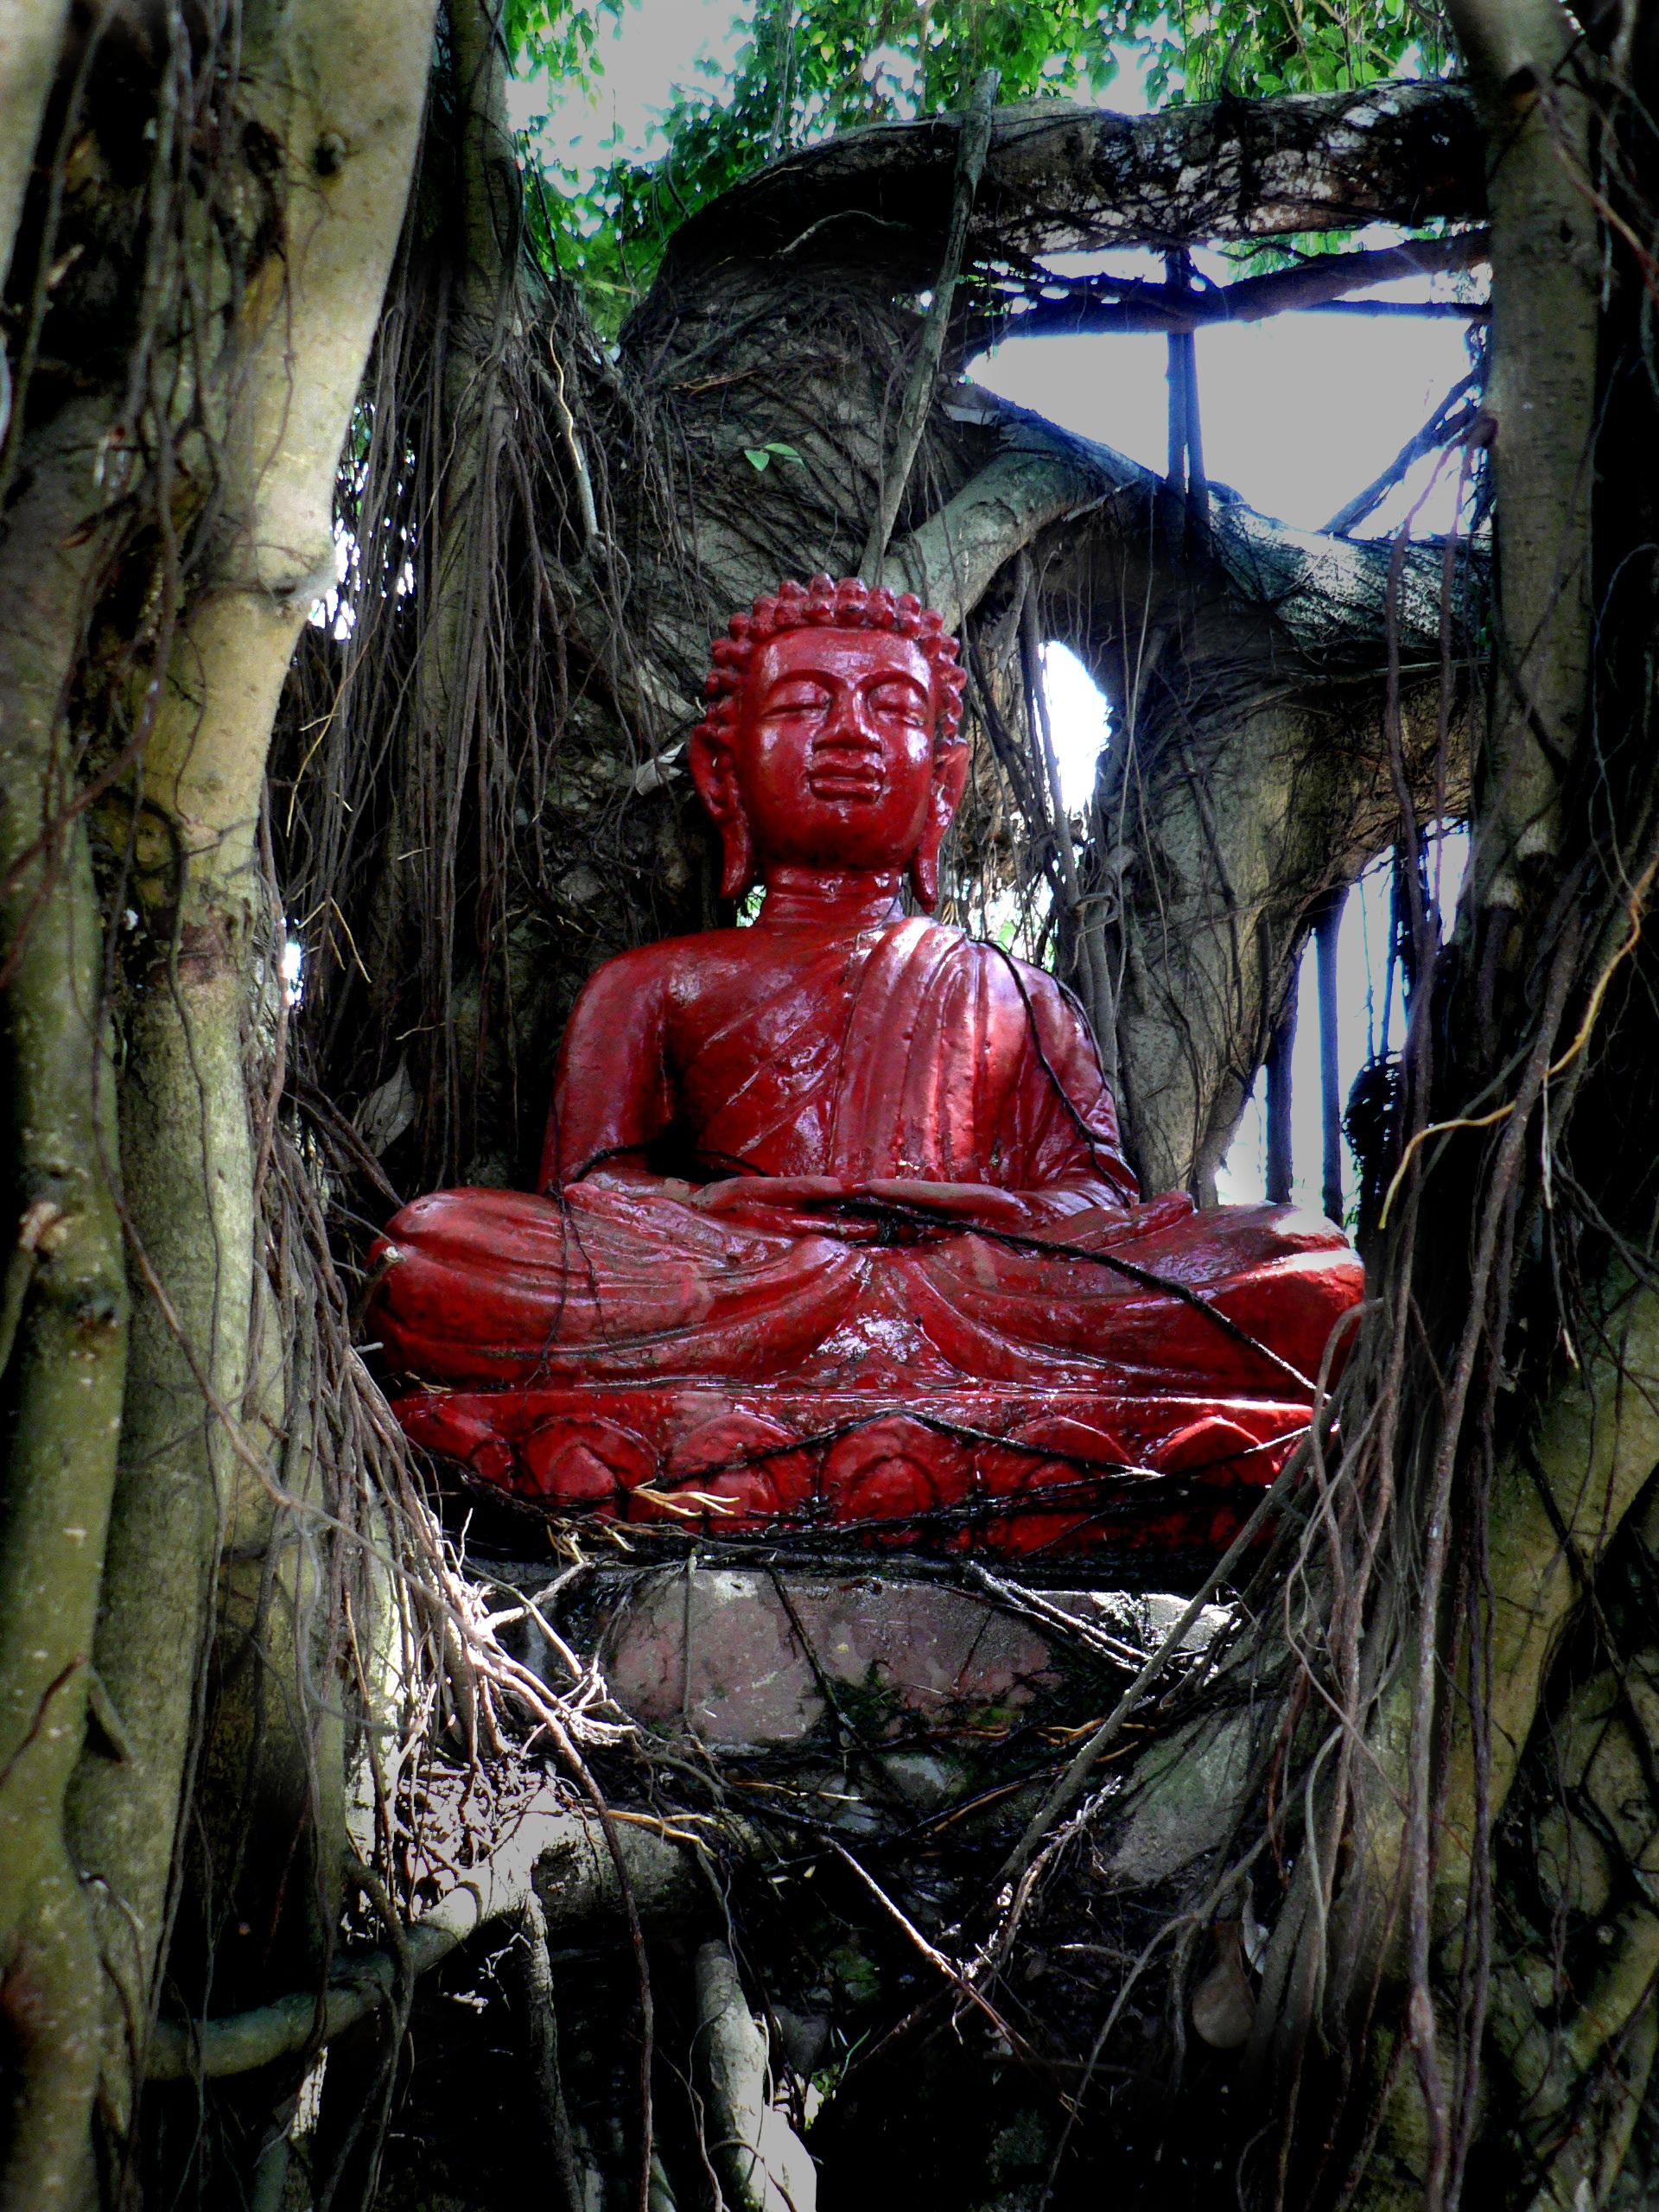 Tượng Phật cổ dưới gốc cây cổ thụ mang nét nghệ thuật tinh tế và cảm giác bình yên cho người chiêm ngưỡng.